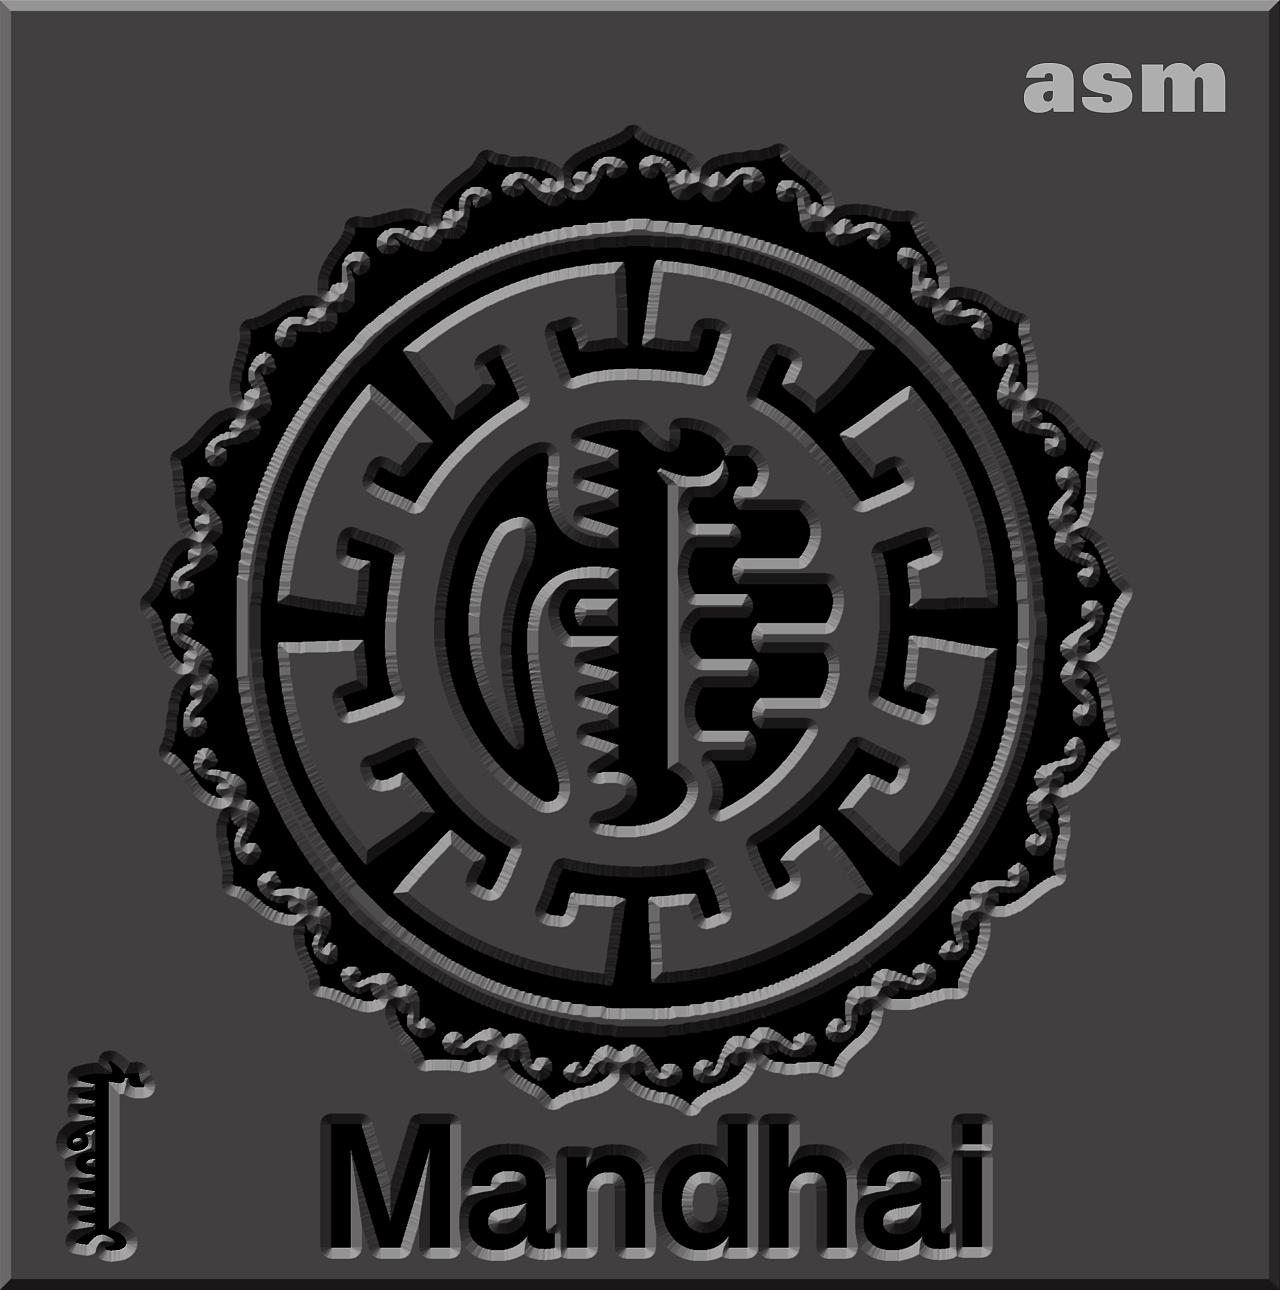 蒙古艺术文字3 -阿斯玛设计 第5张